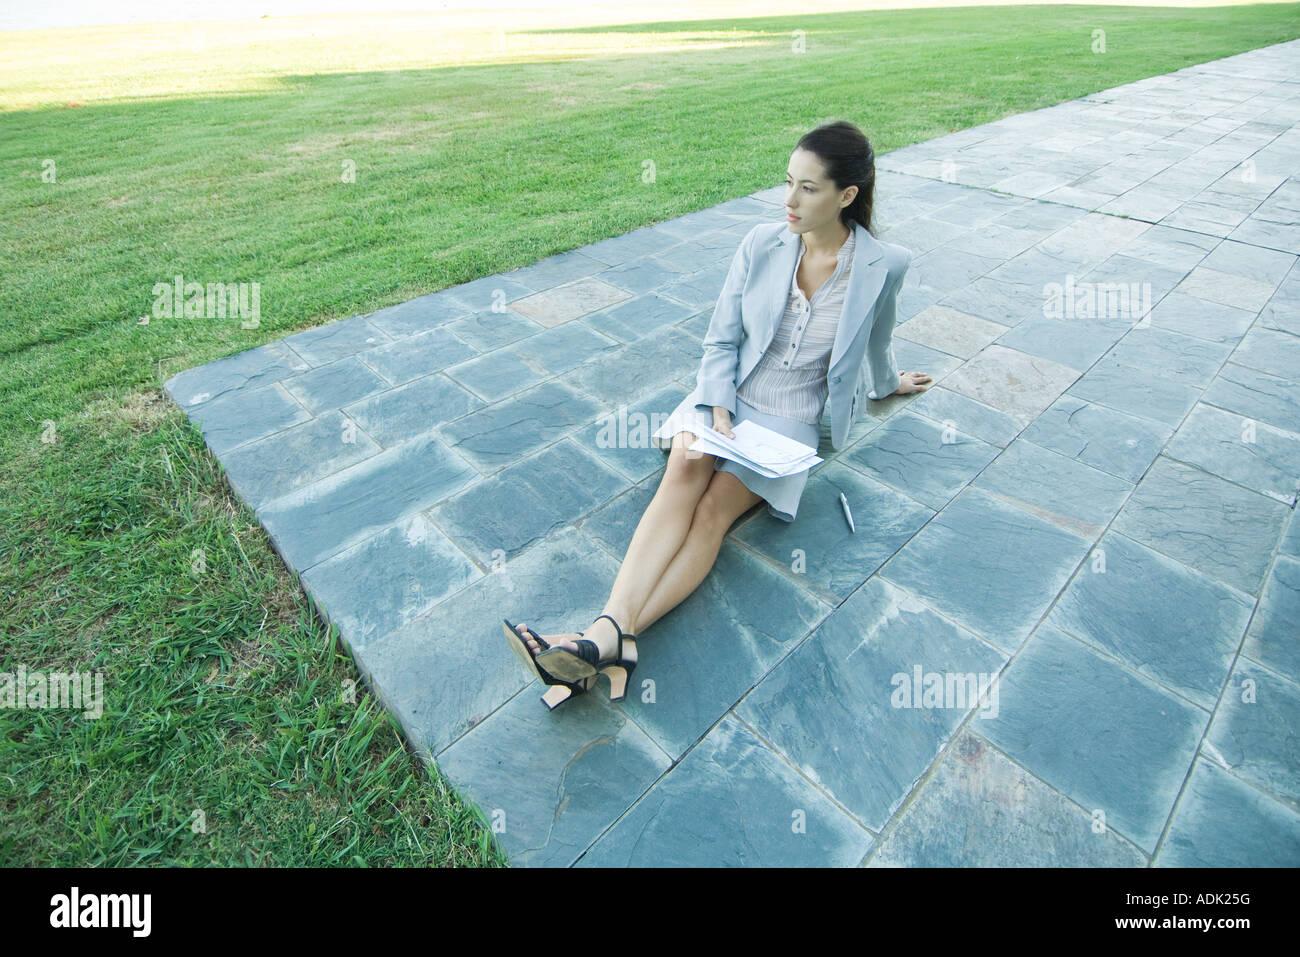 Geschaftsfrau Sitzen Am Boden Auf Terrasse Unterlagen Stockfoto